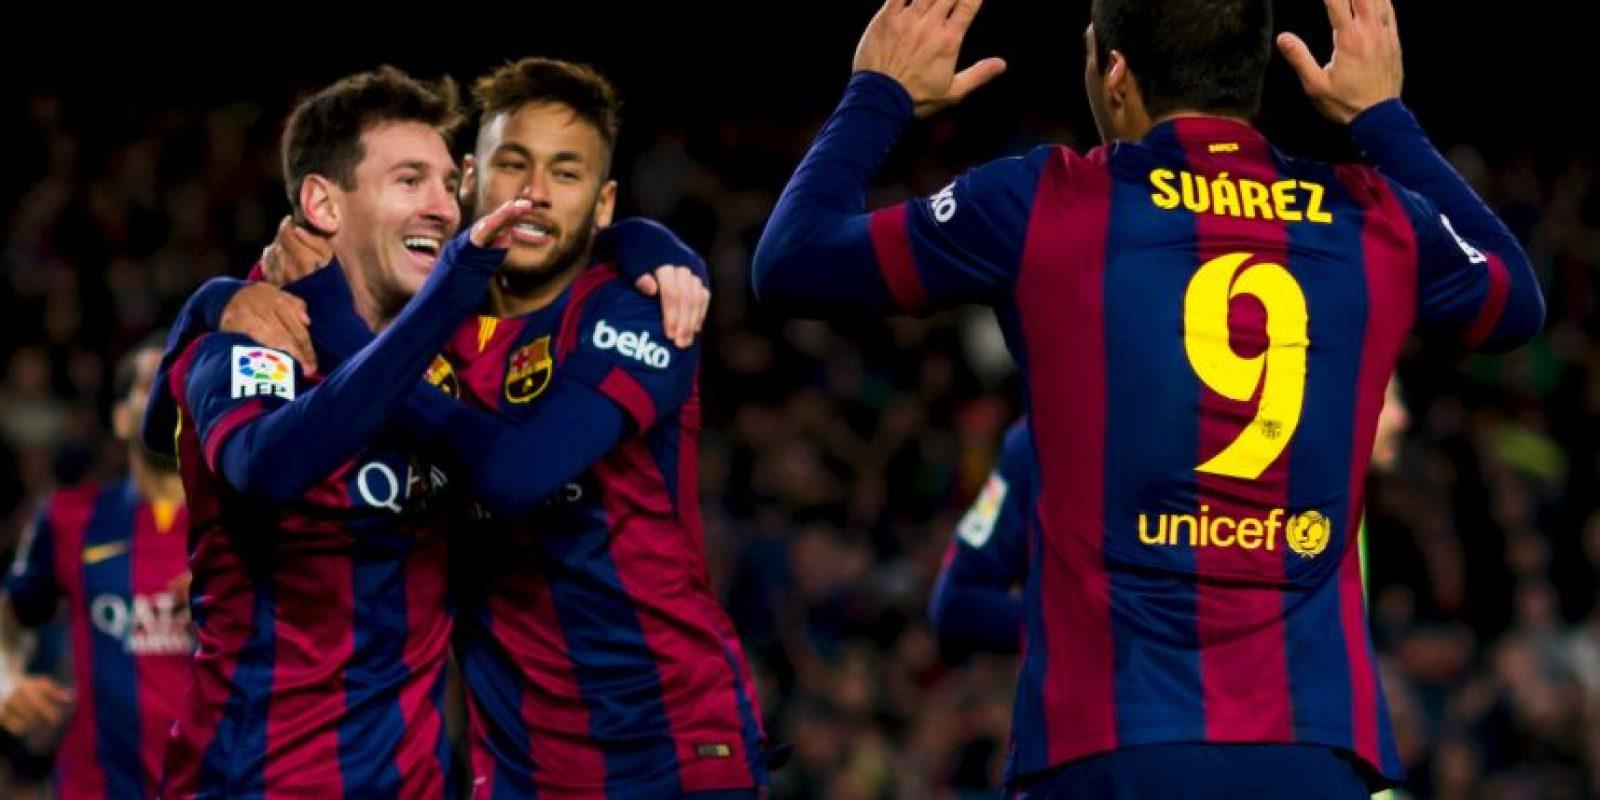 Conoce a los 10 mejores delanteros de 2015 de acuerdo con un estudio del Observatorio de Fútbol CIES. Foto:Getty Images